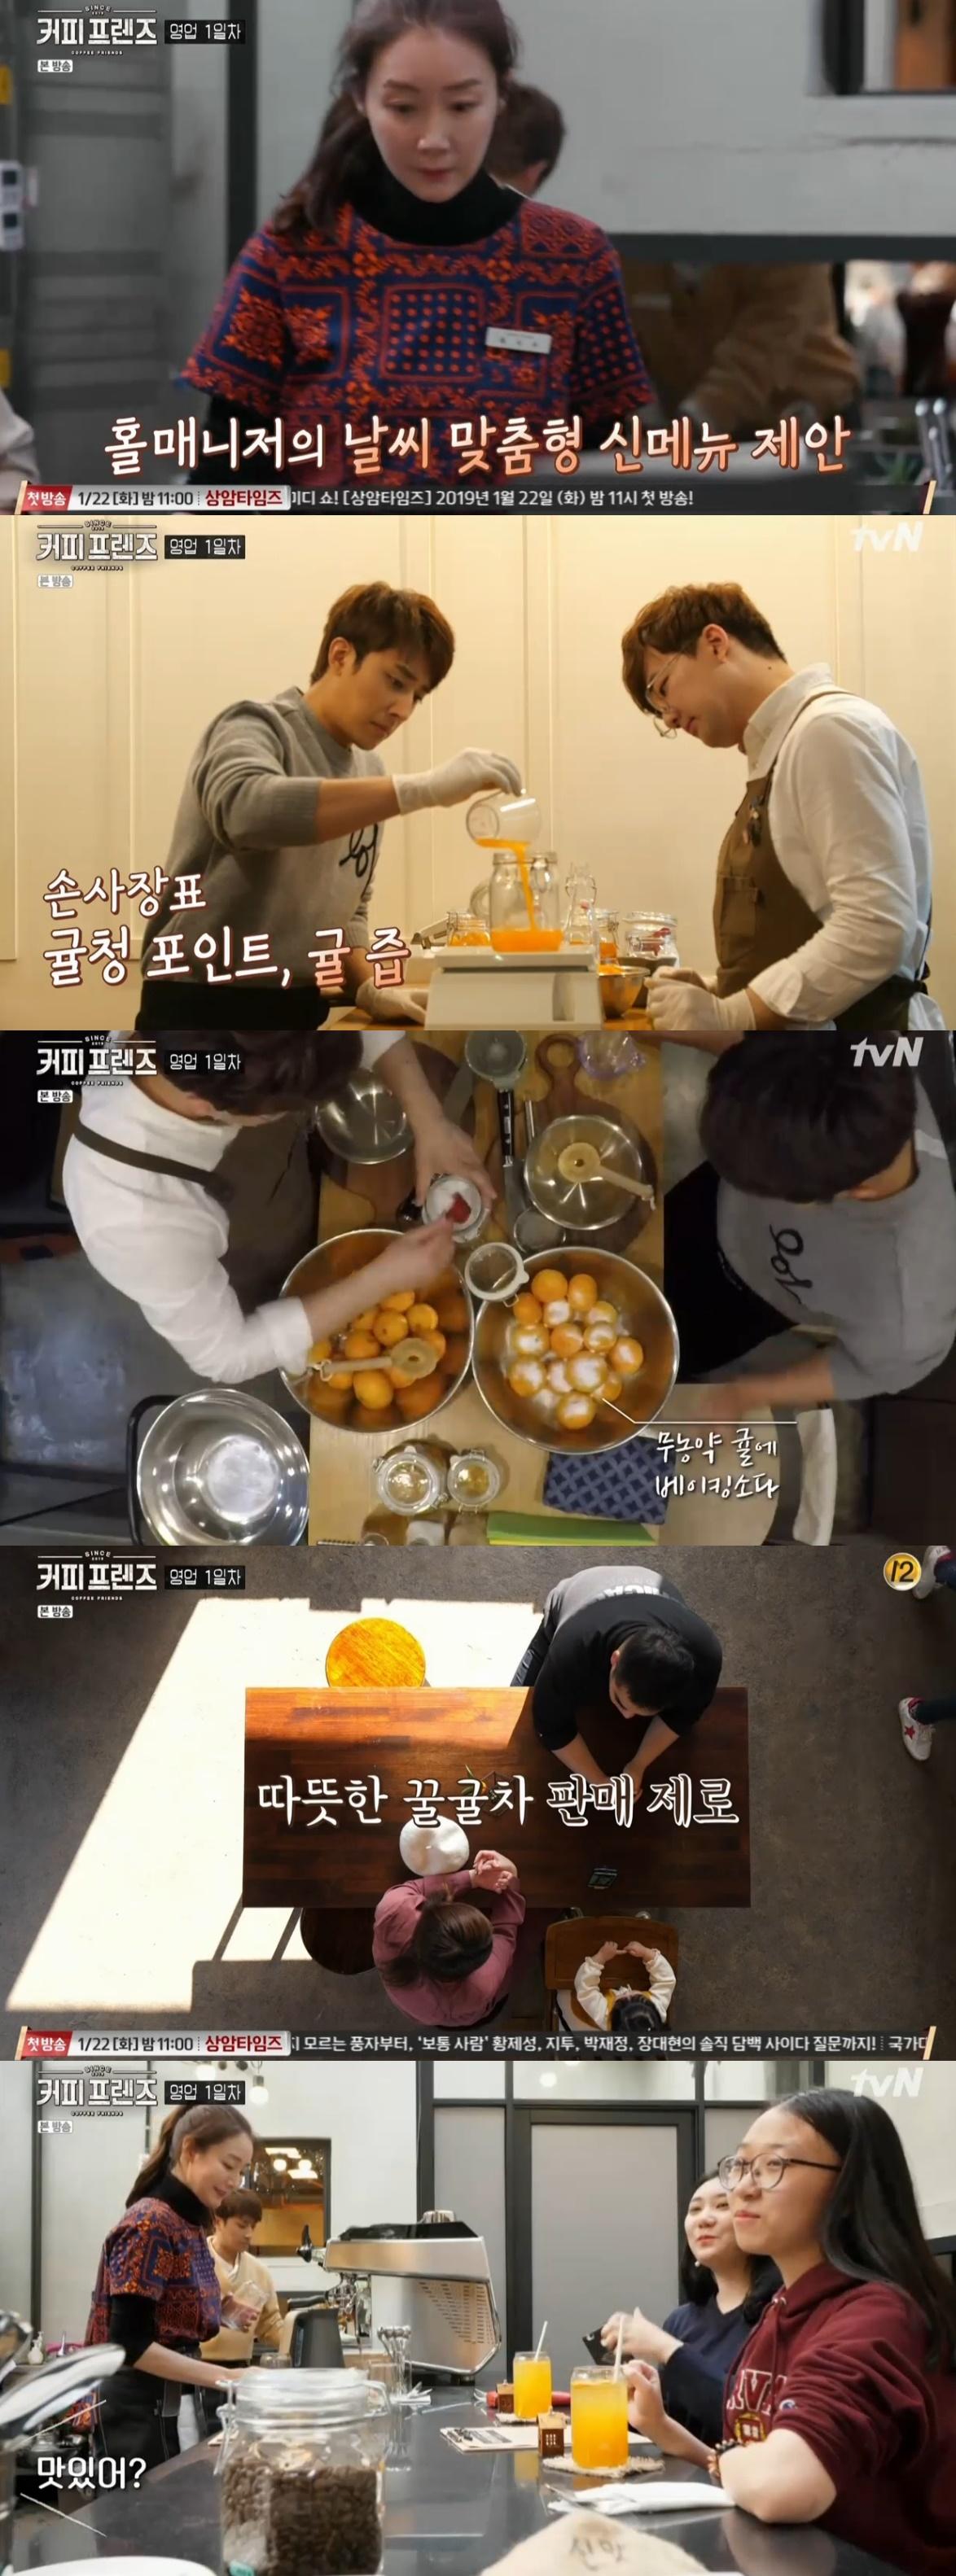 '커피프렌즈' 최지우, 귤차→에이드 '급 메뉴변경'..아이디어+순발...